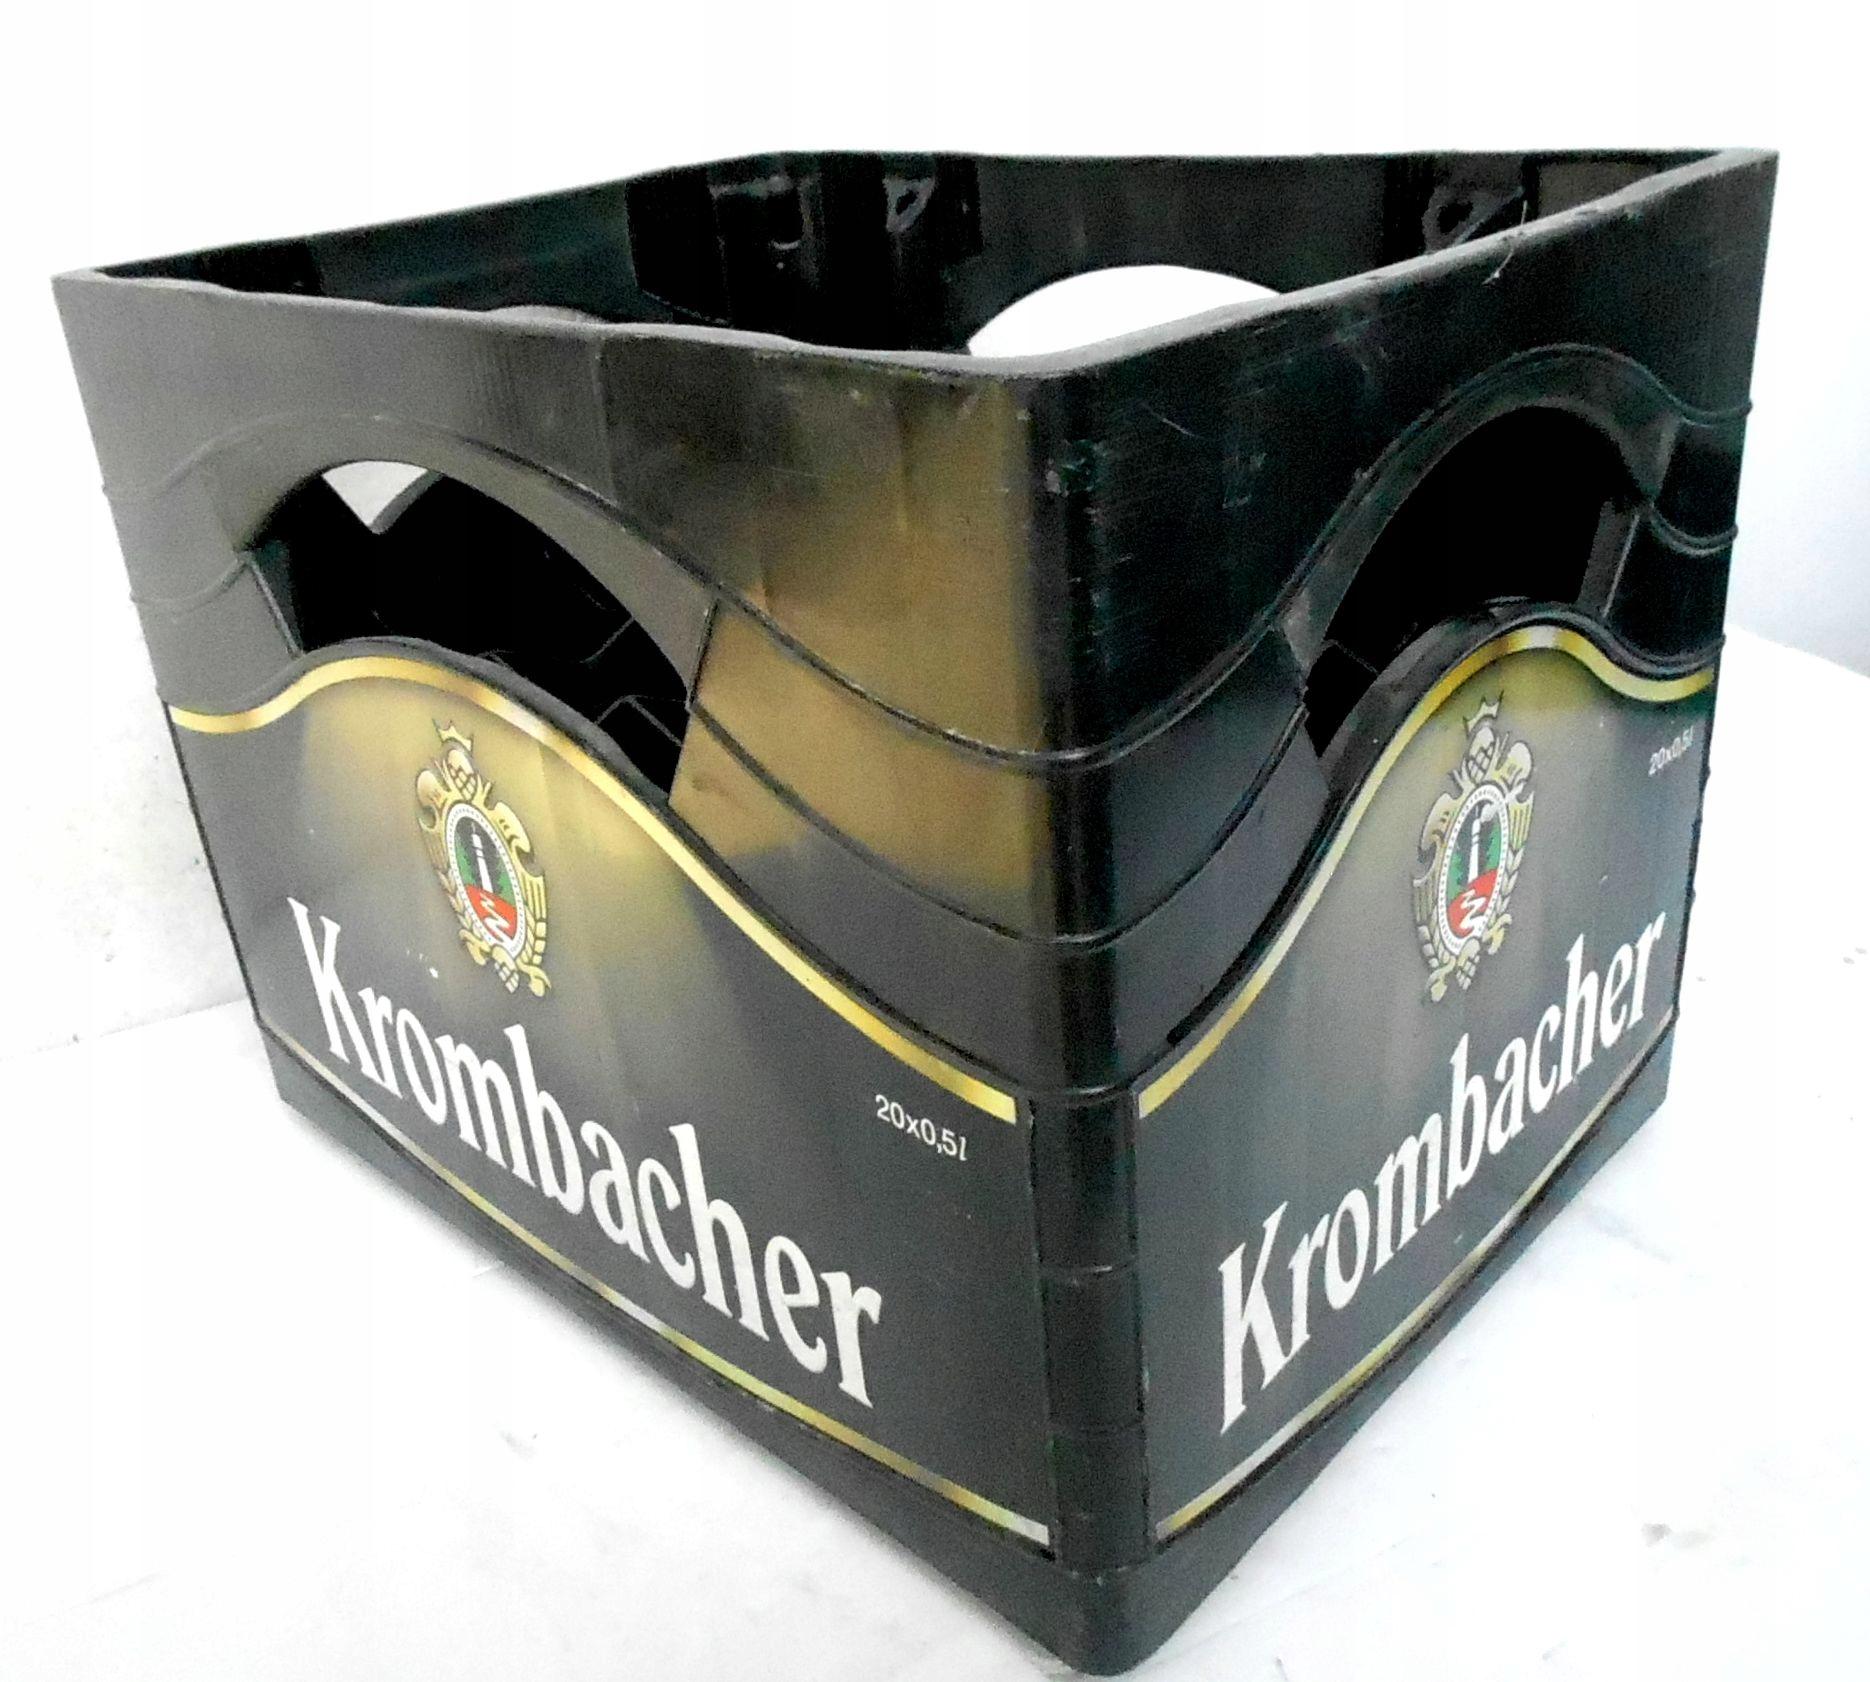 Skrzynka po piwie KROMBACHER 20 x 0,5 l, oryginał